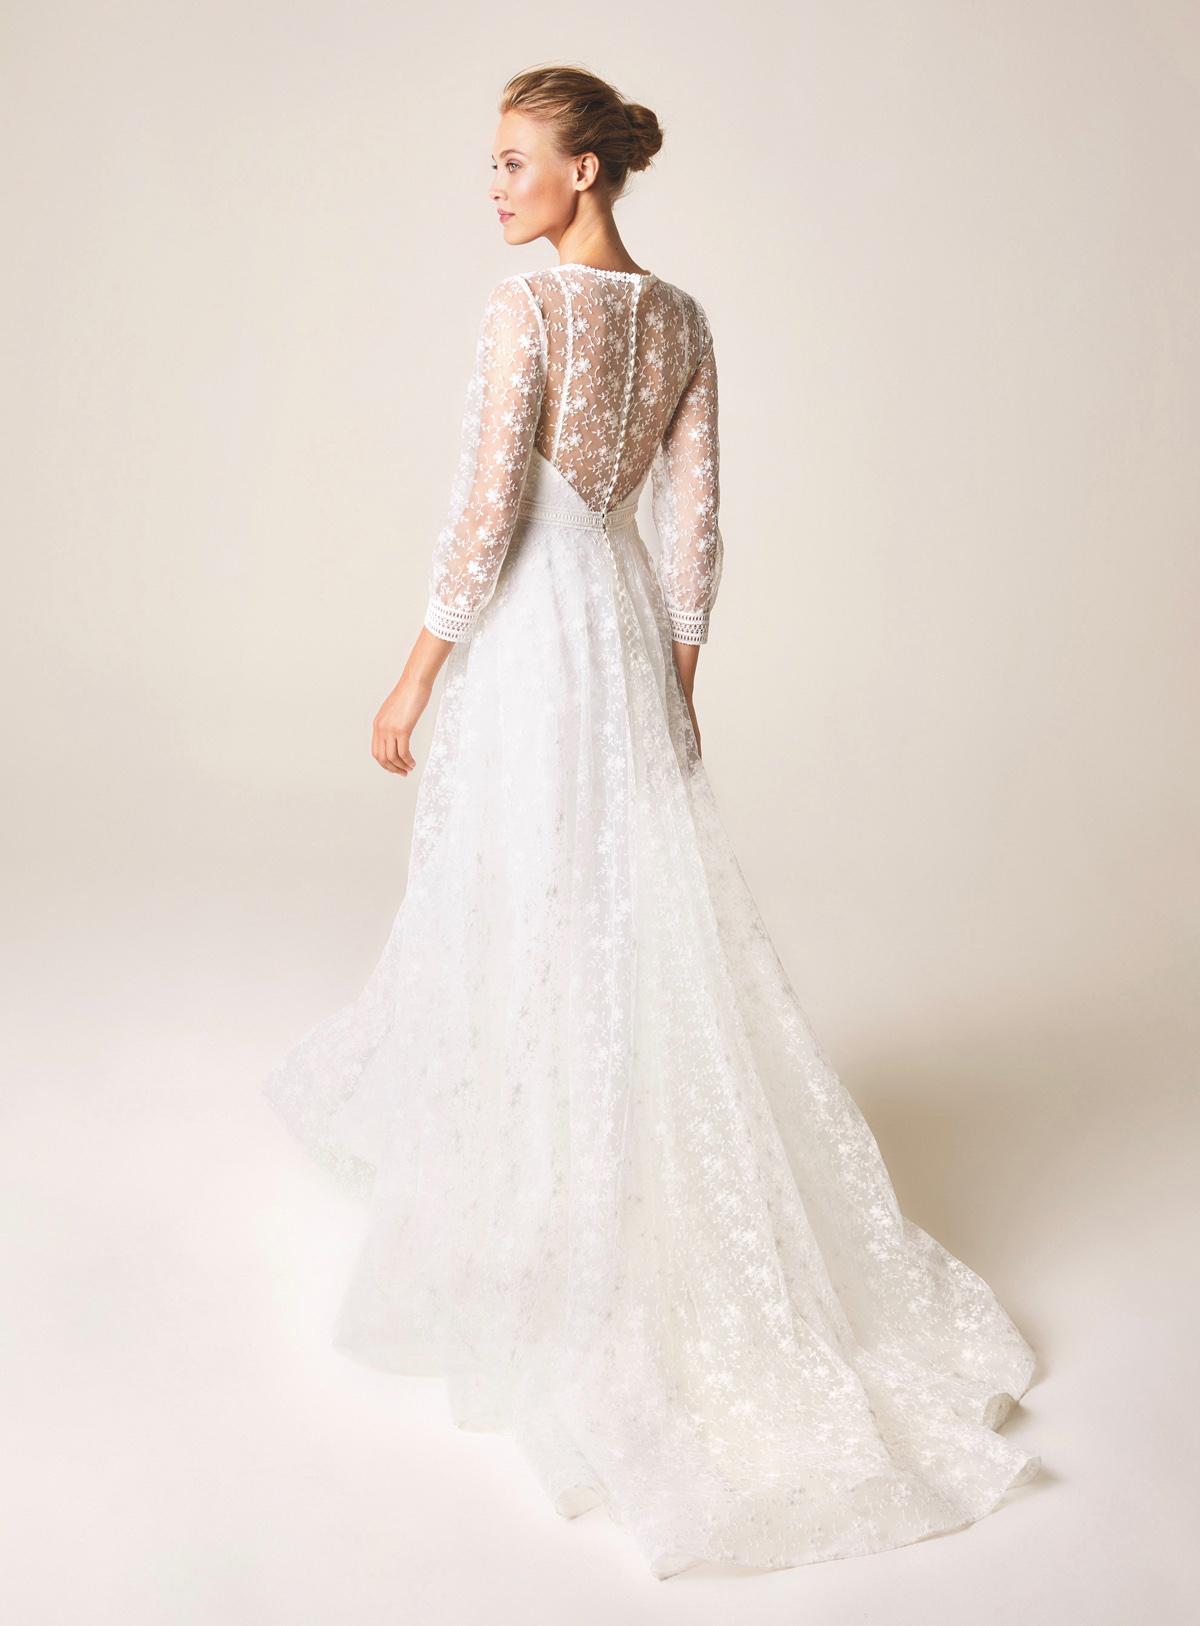 Spring Wedding Dresses.Spring Wedding Dresses By Jesus Peiro Seasonal Style From